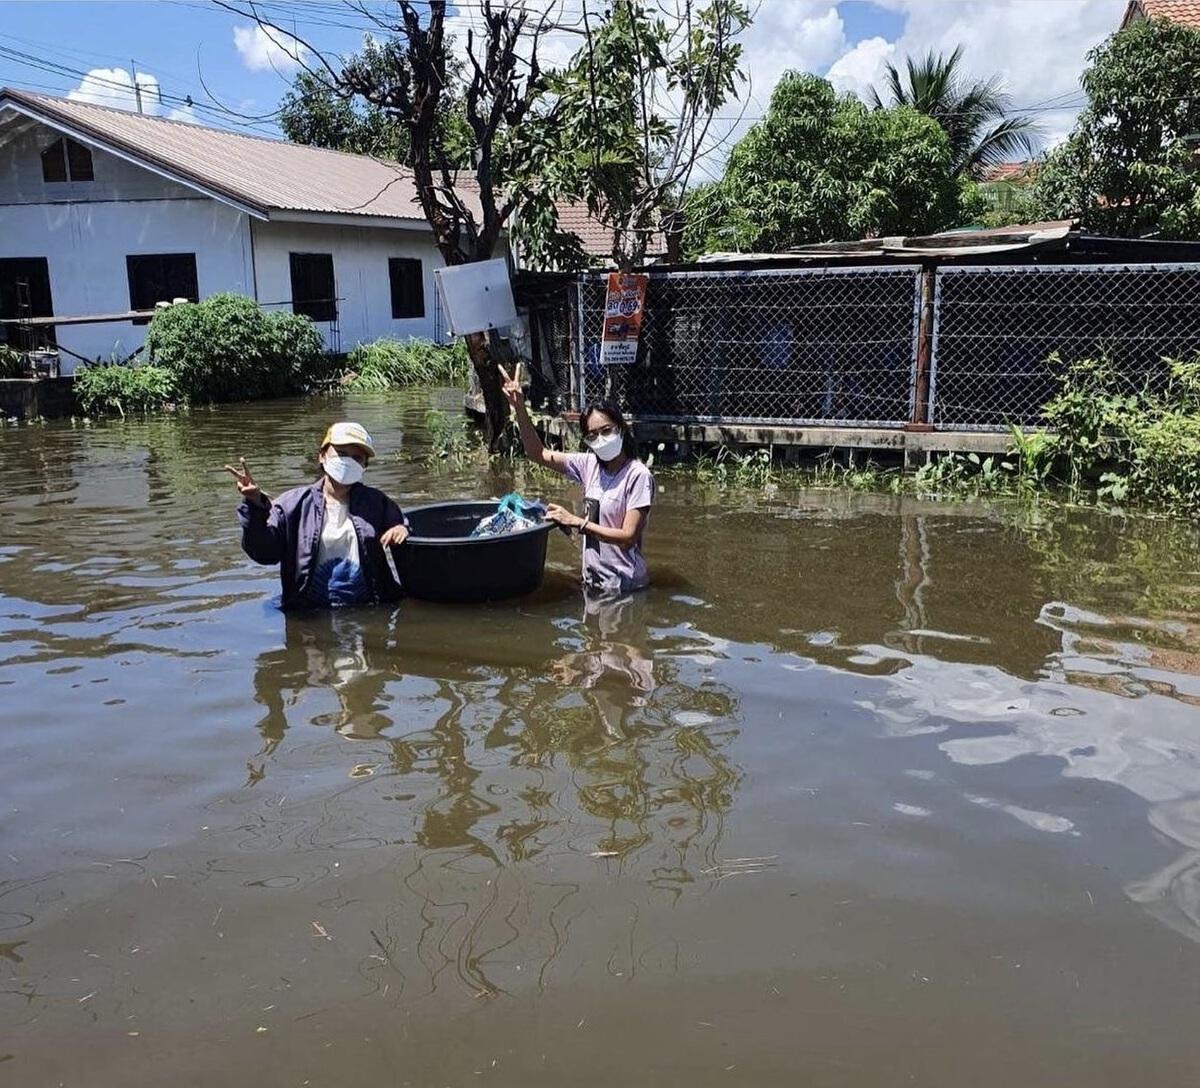 เมย์ บัณฑิตา ลุยน้ำท่วมช่วยผู้ประสบภัย จ.ชัยภูมิ บ้านเกิดตัวเอง